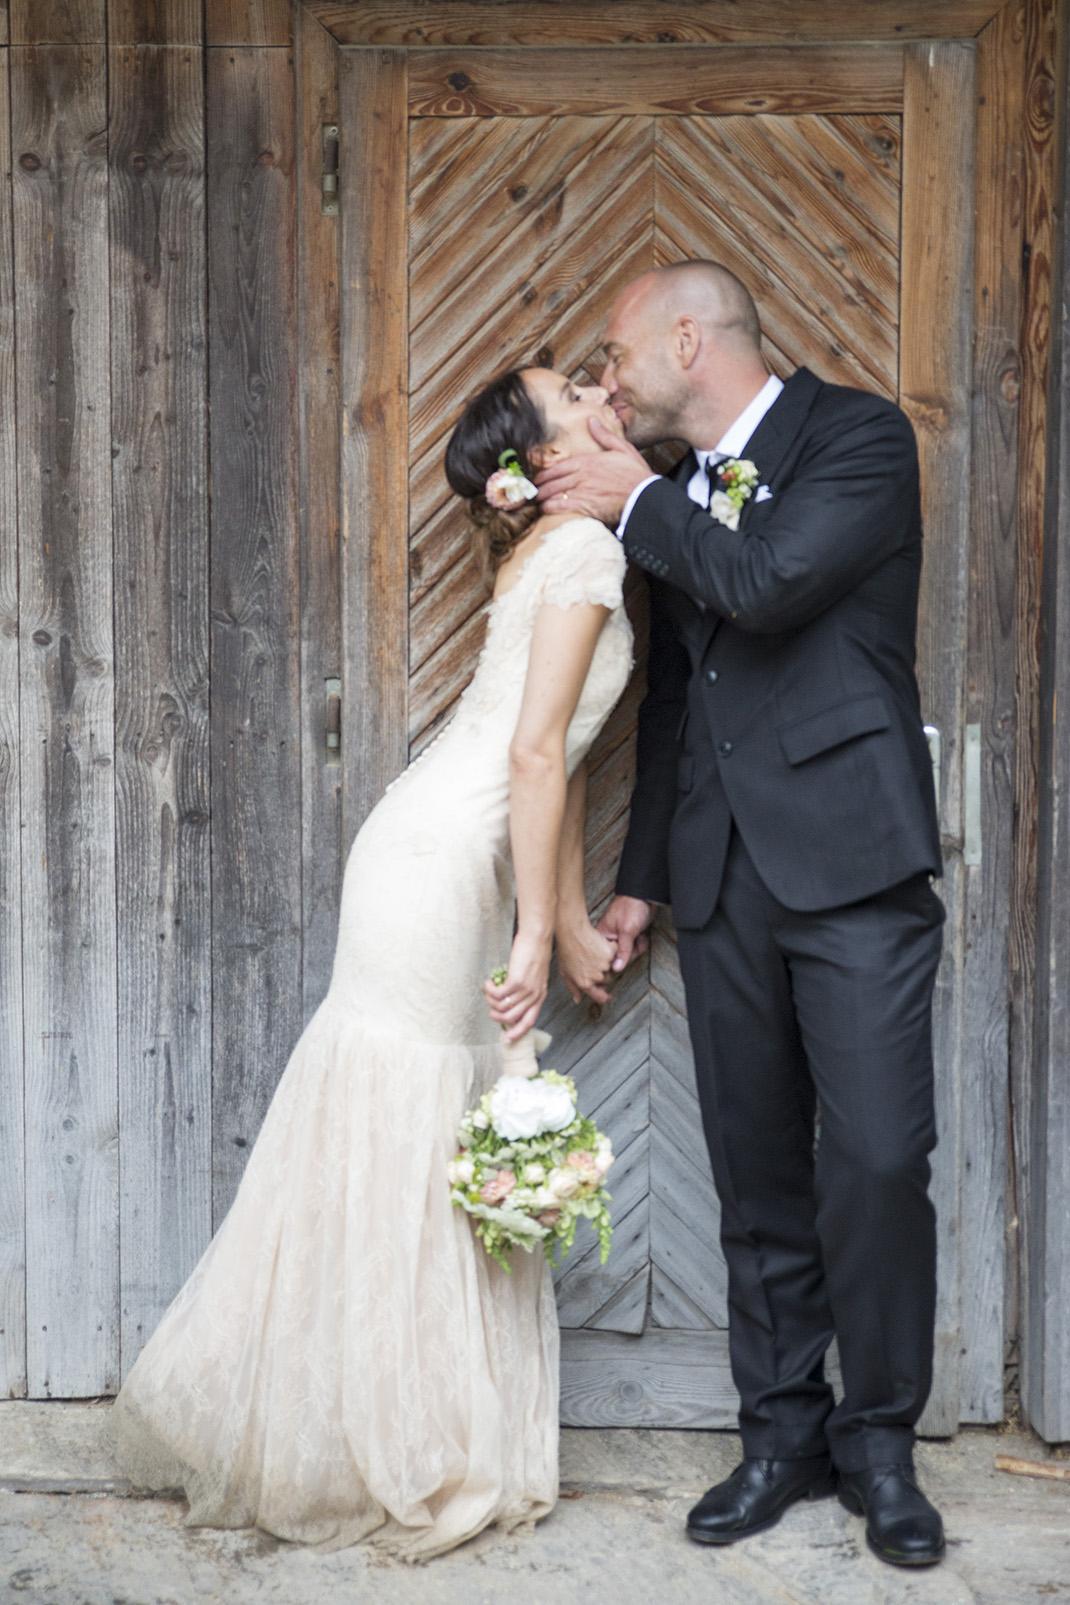 dieElfe_Hochzeitsfotograf_Jagawirt_Steiermark_wedding_photography-94